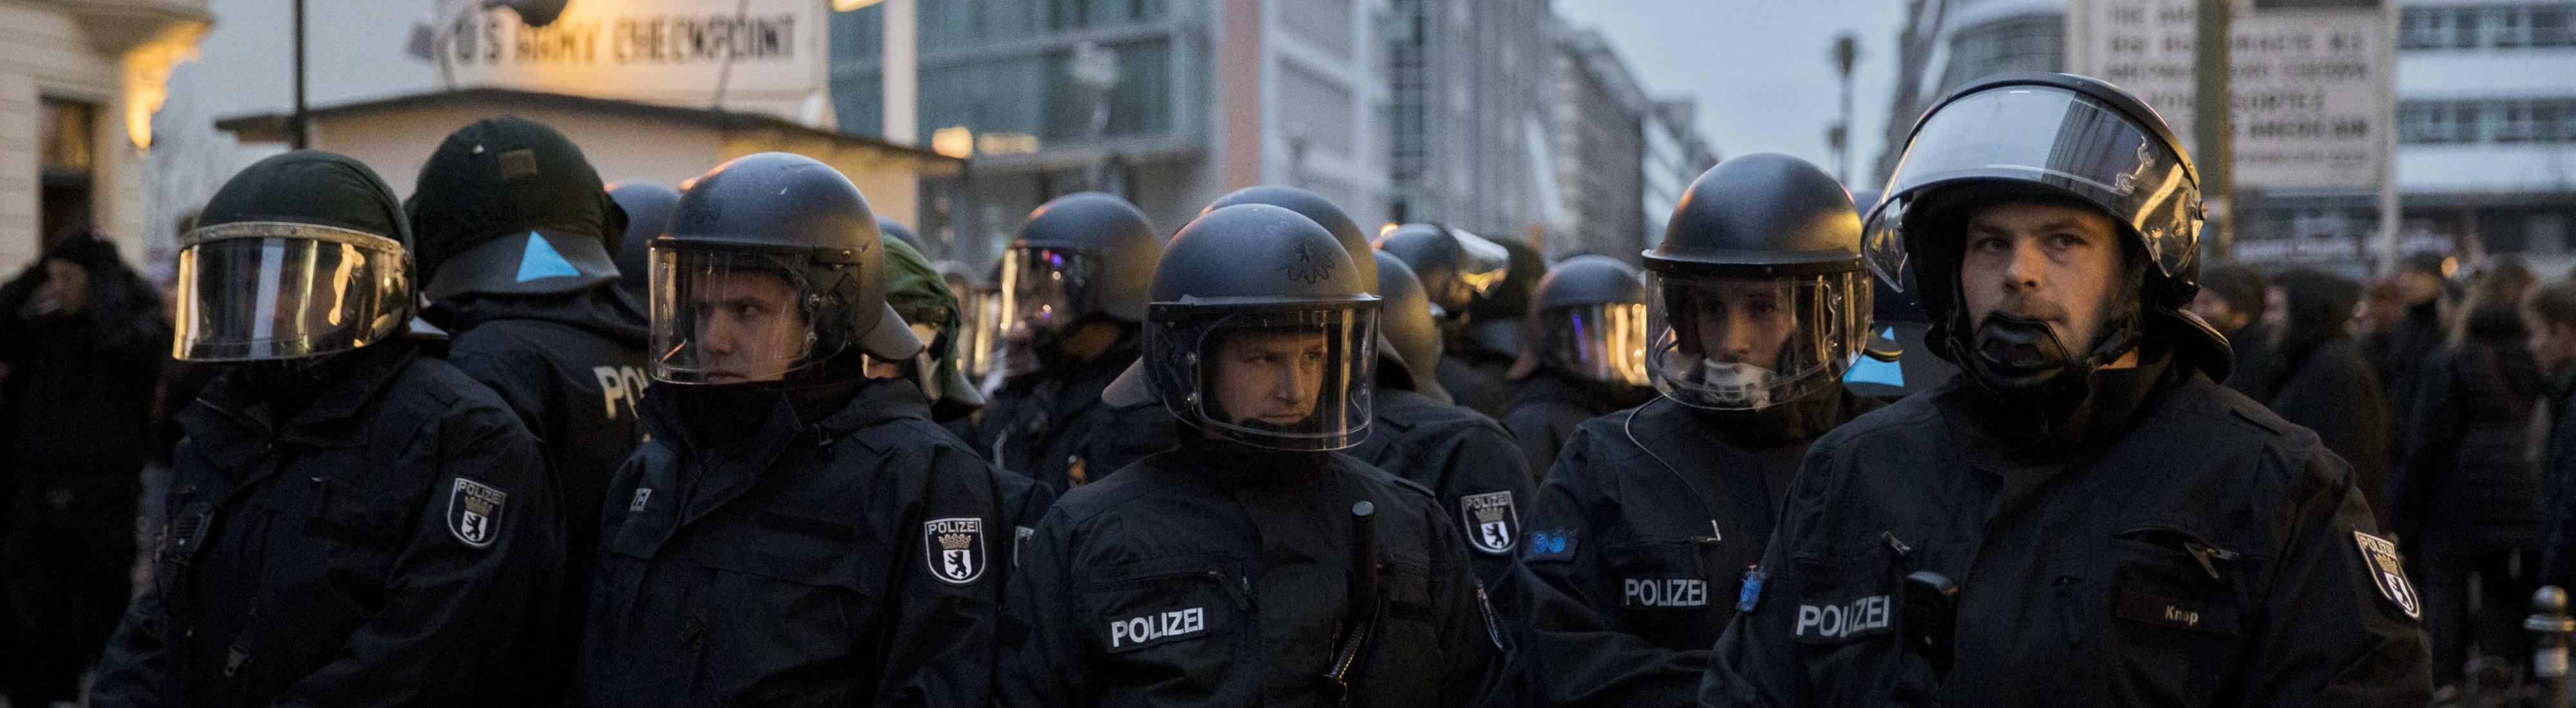 Polizisten bei einer Demonstration am Checkpoint Charlie